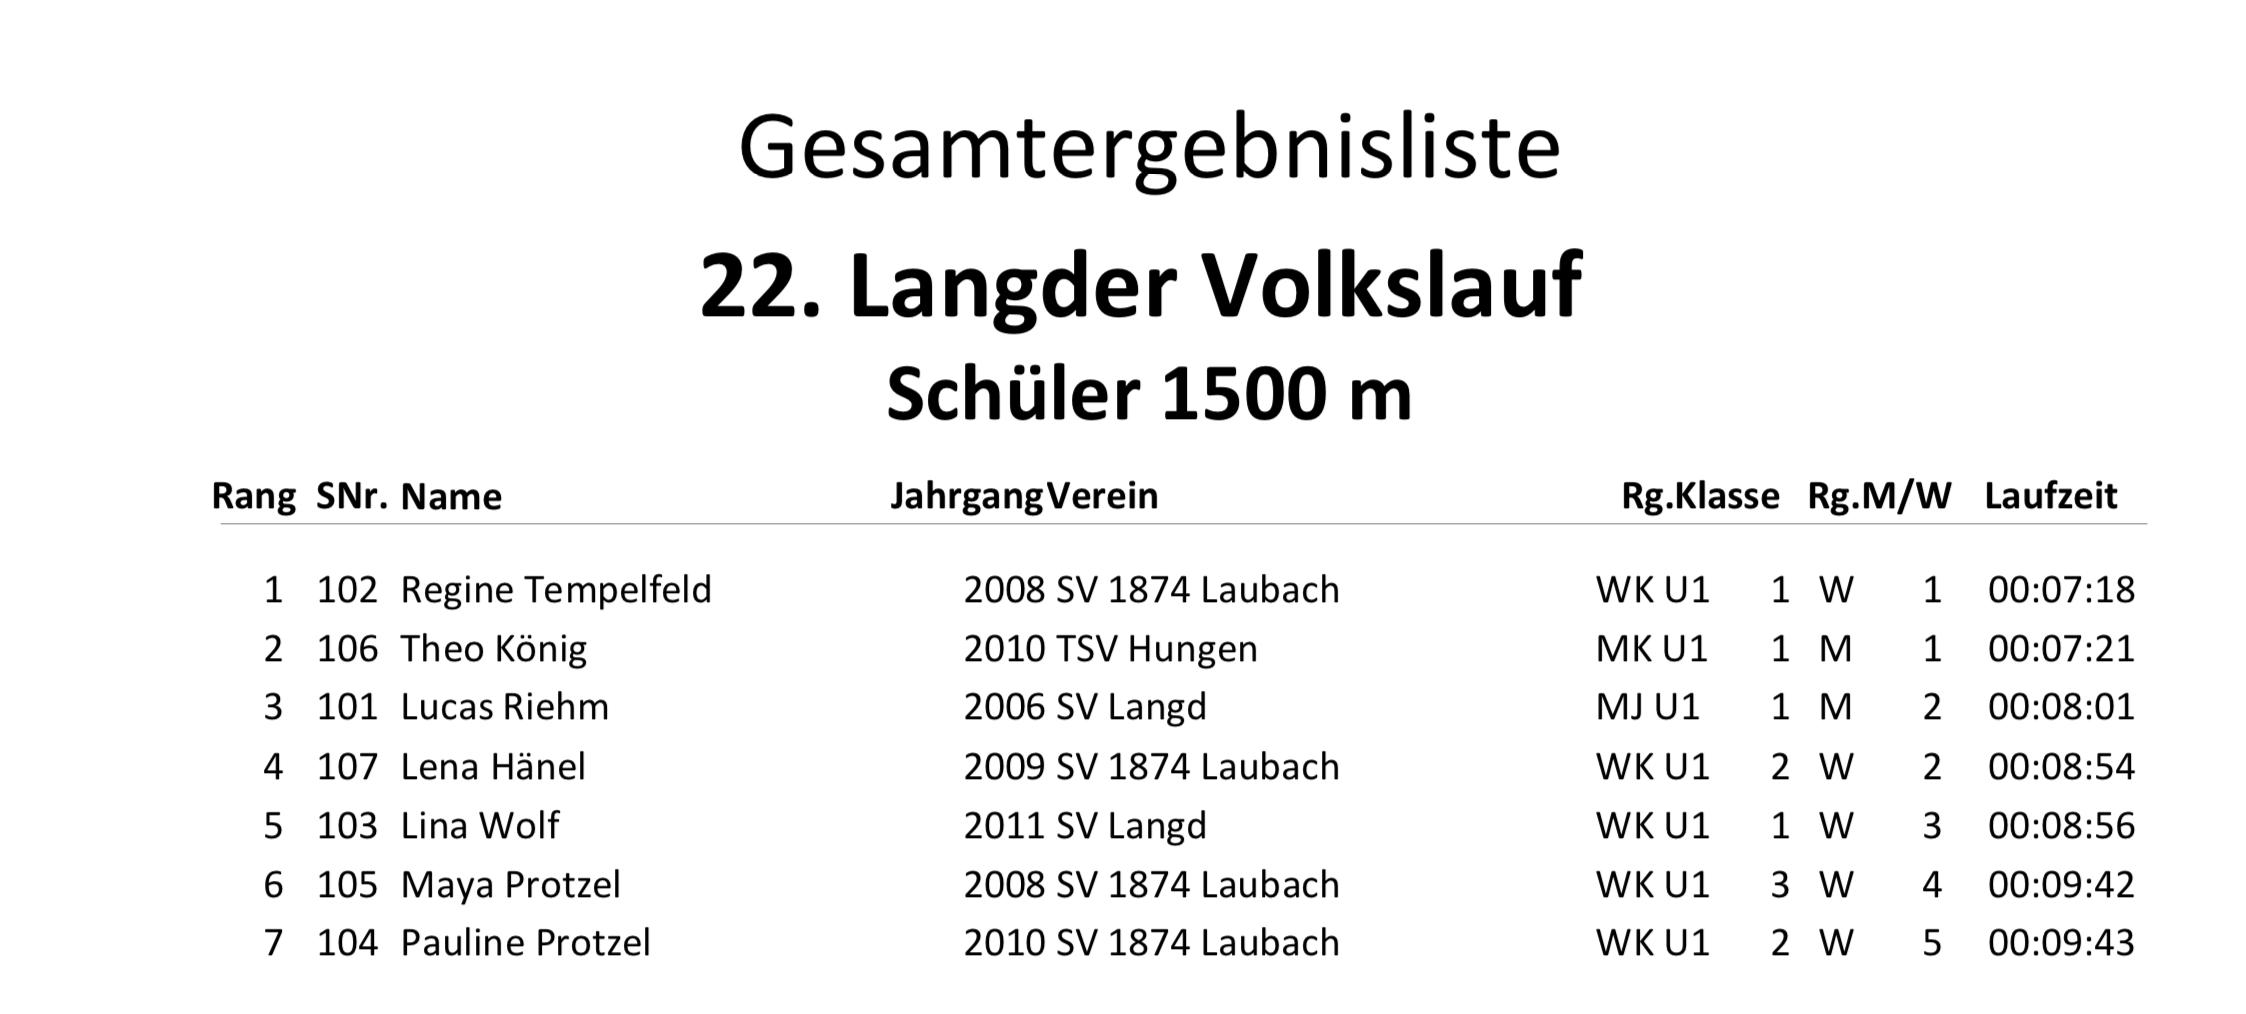 Gesamtergebnisliste 22. Langder Volkslauf 2019 Engel-Landschaftslauf-Cup  Schüler